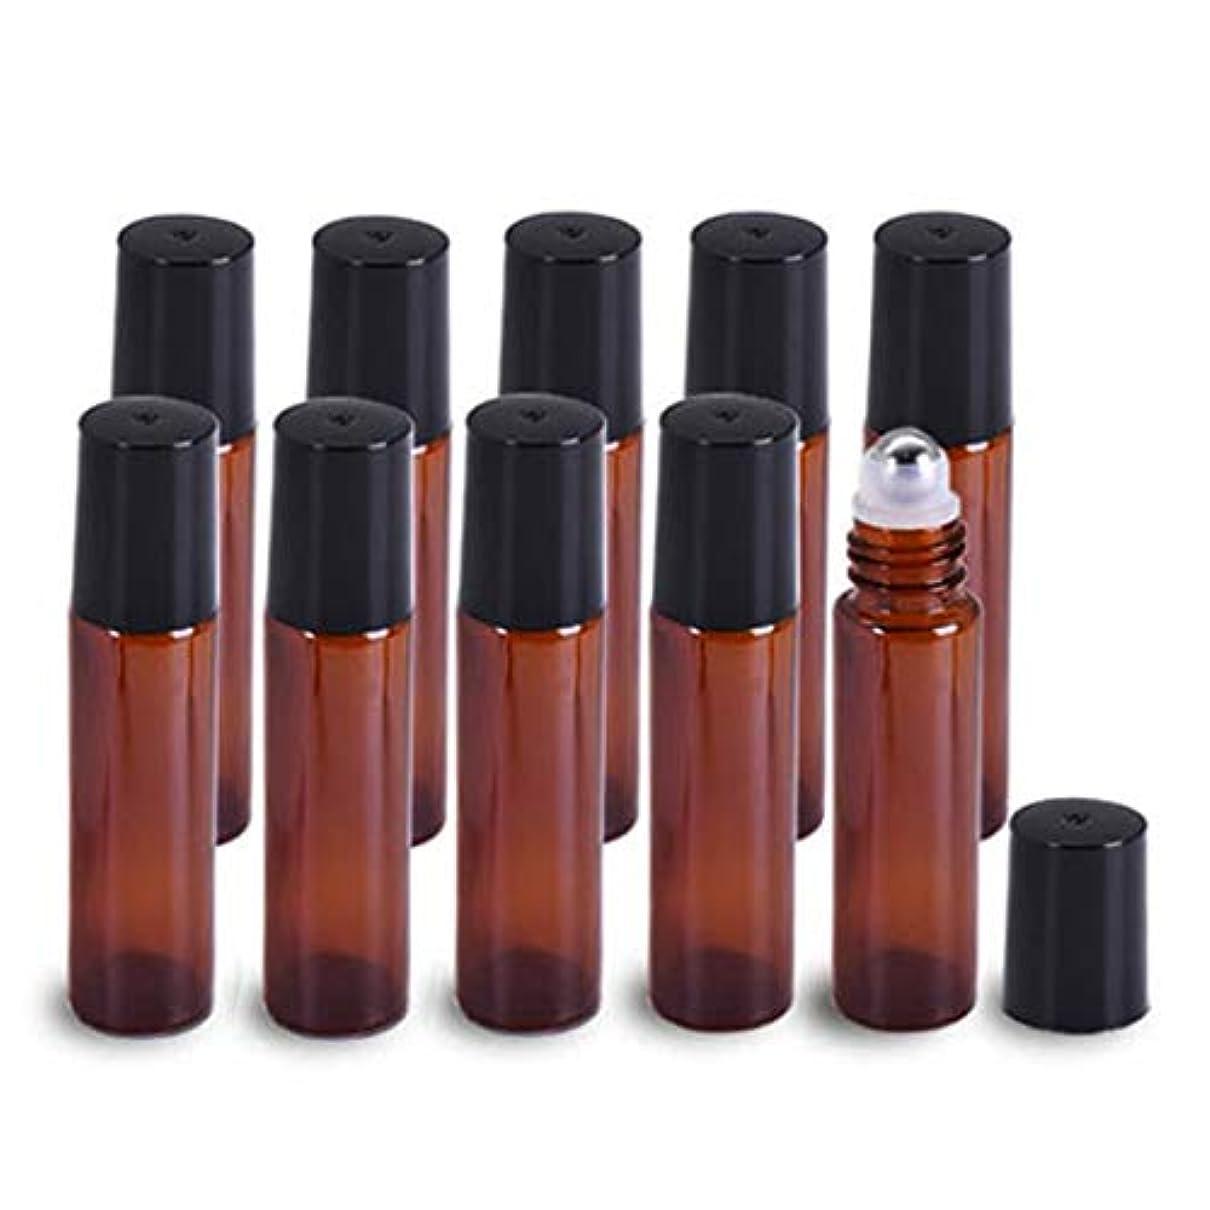 Yiteng ロールオンボトル アロマオイル アロマボトル ガラスロールタイプ 遮光瓶 保存容器 小分け用 茶色 収納ケース付き 10ml 10本セット